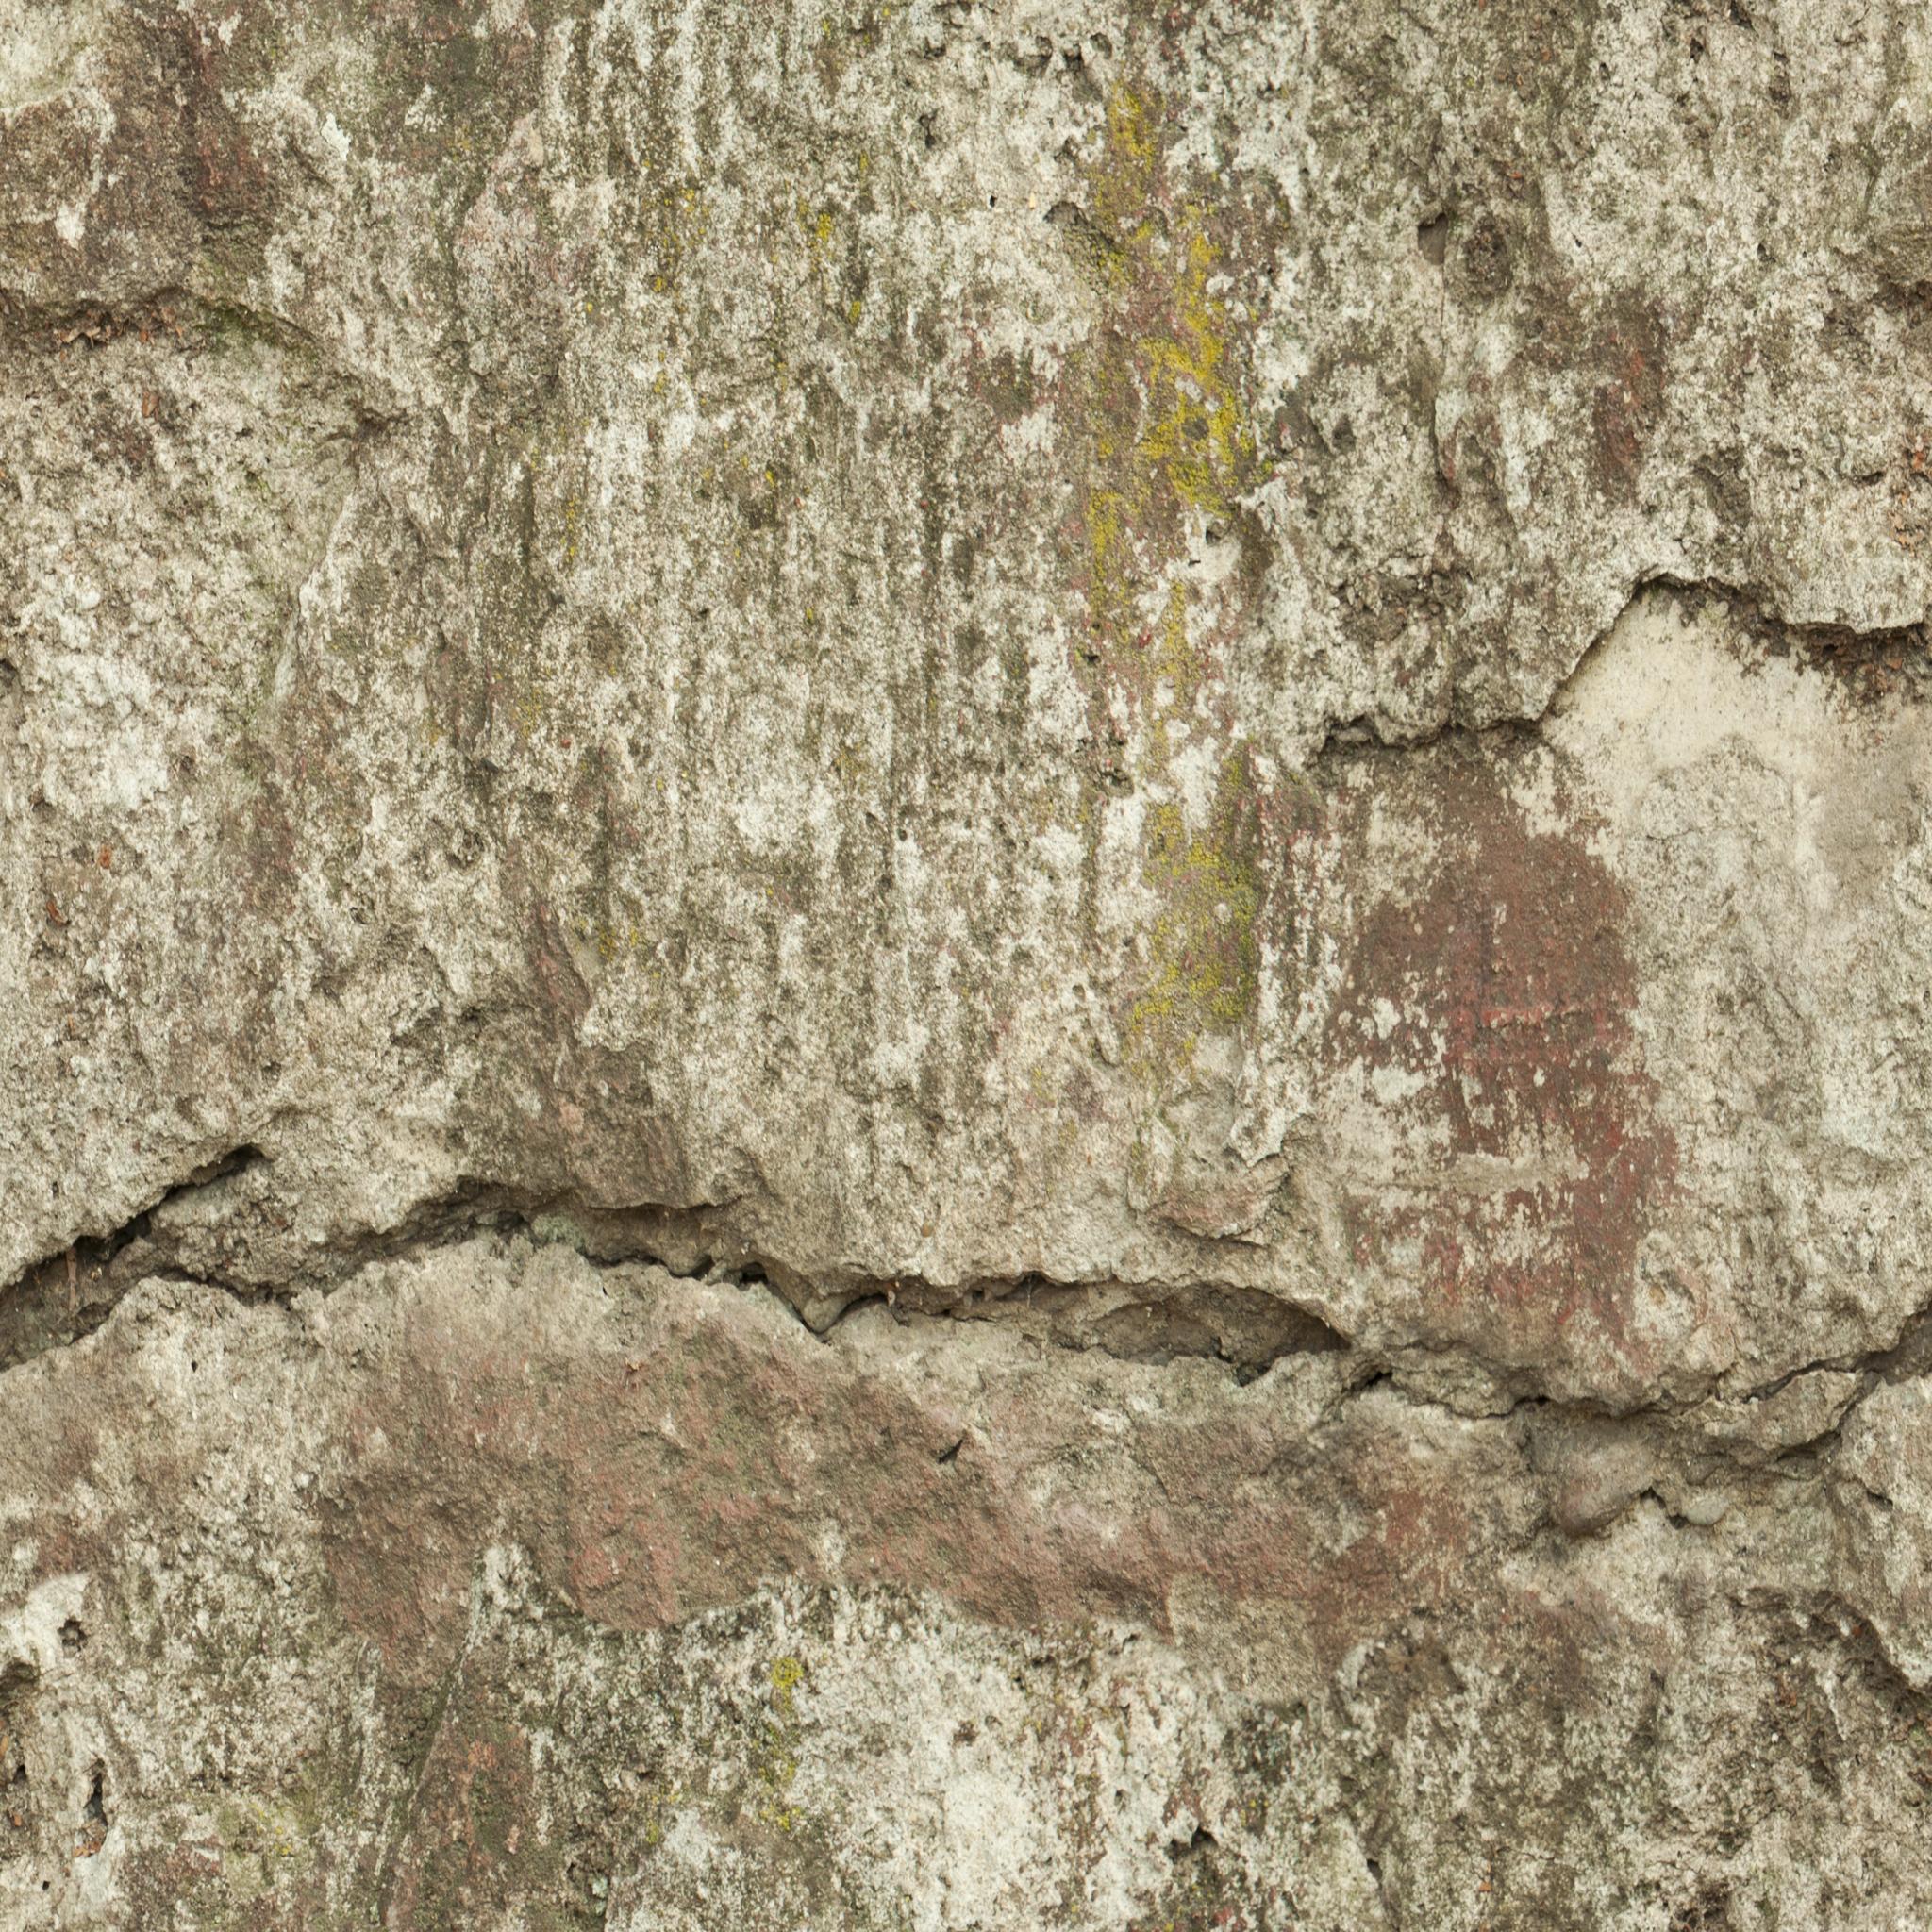 Coarse Cracked Concretea.jpg